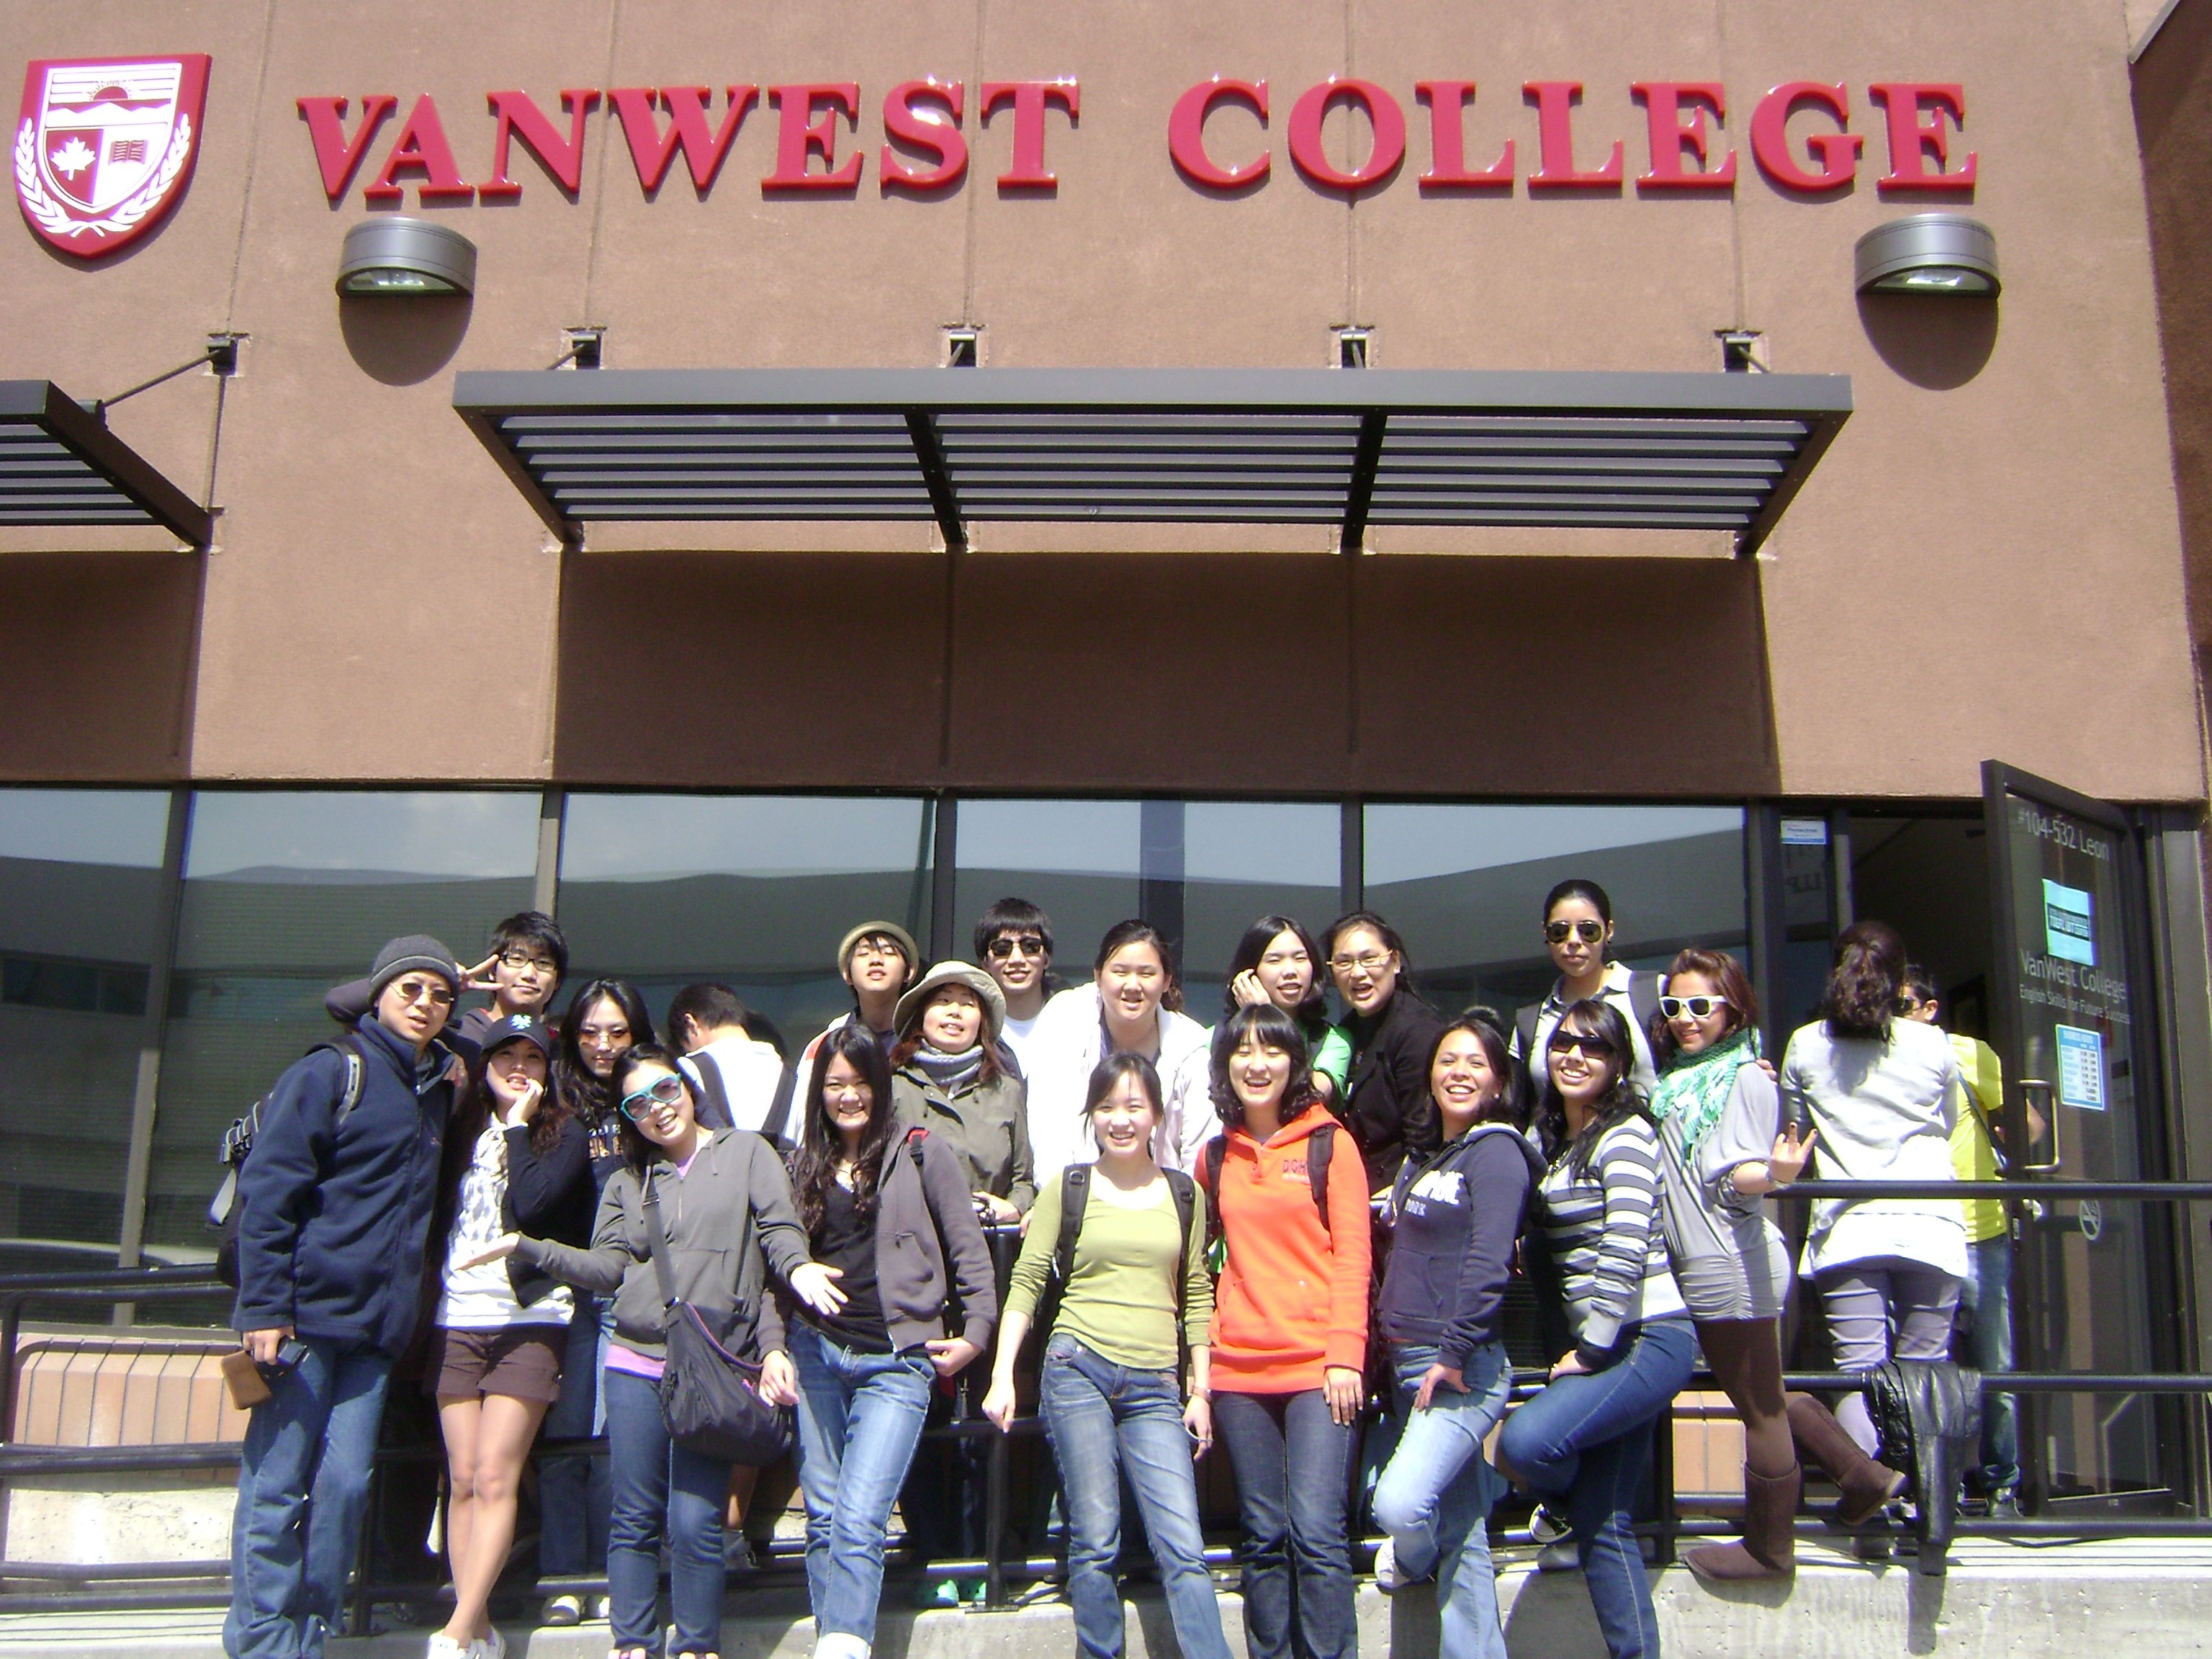 01_vanwest_college_kelowna_campus